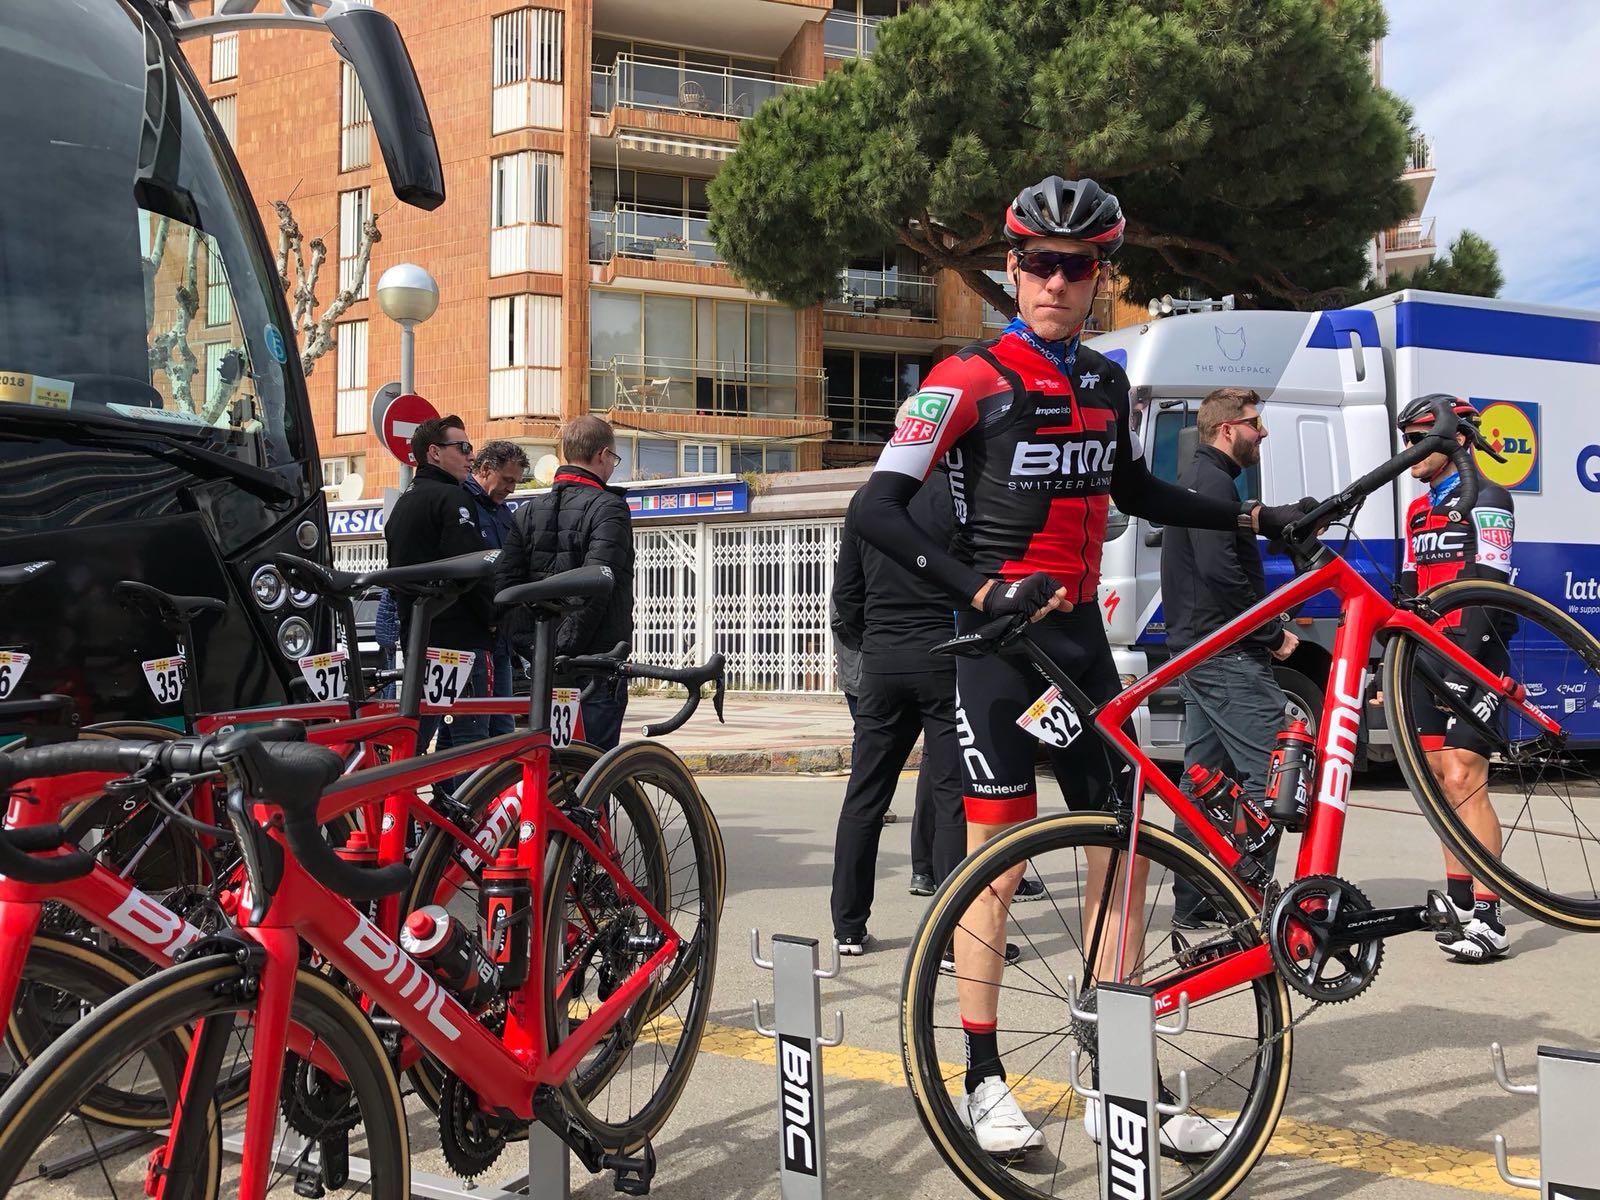 Brent-Catalunya2-3.jpeg